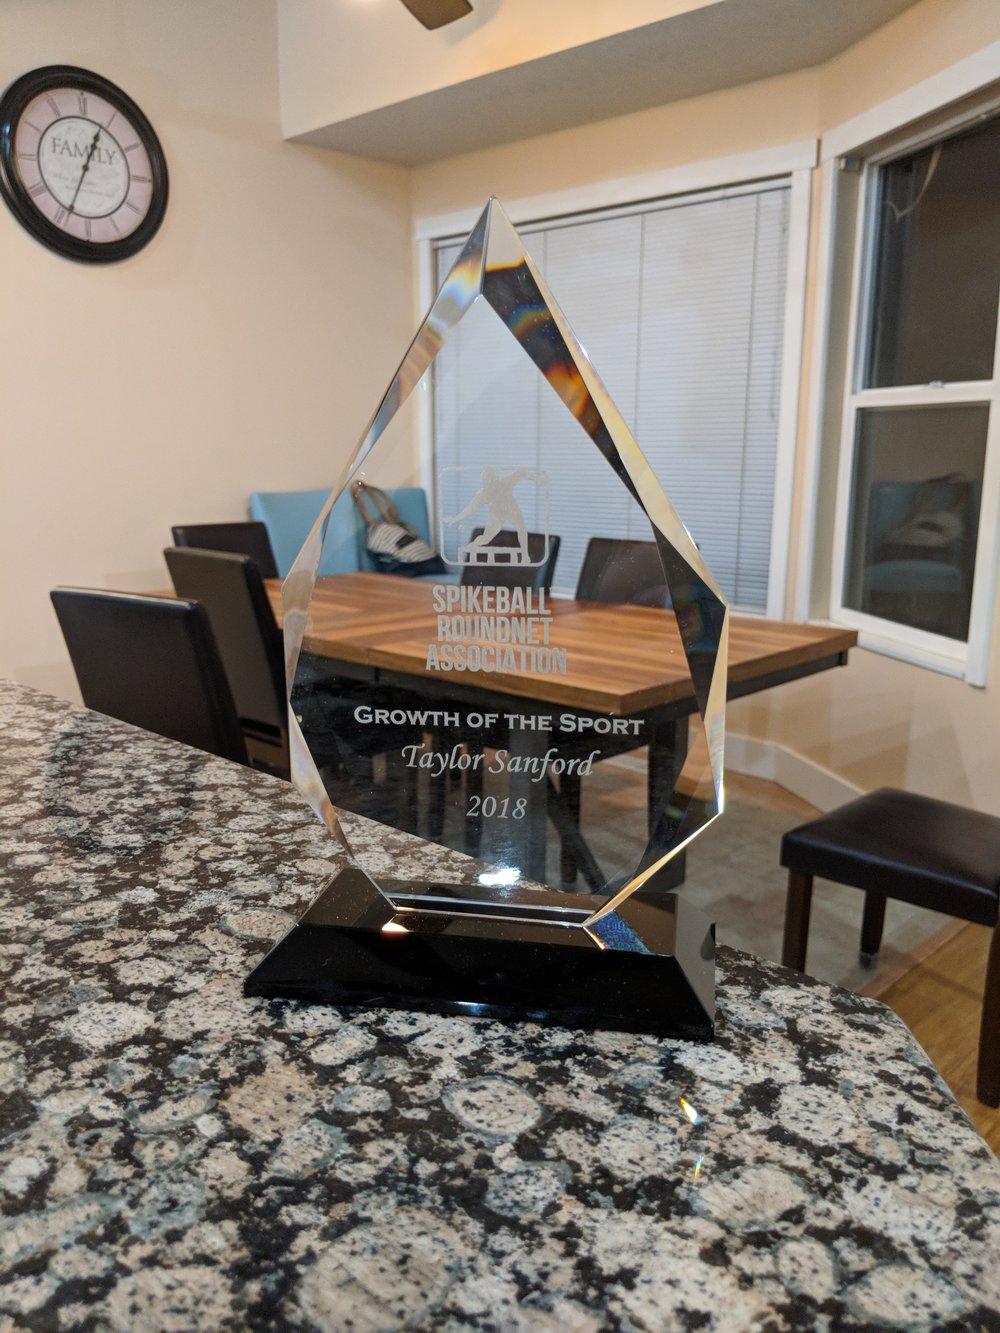 spikeball-growth-of-sport-award.jpg